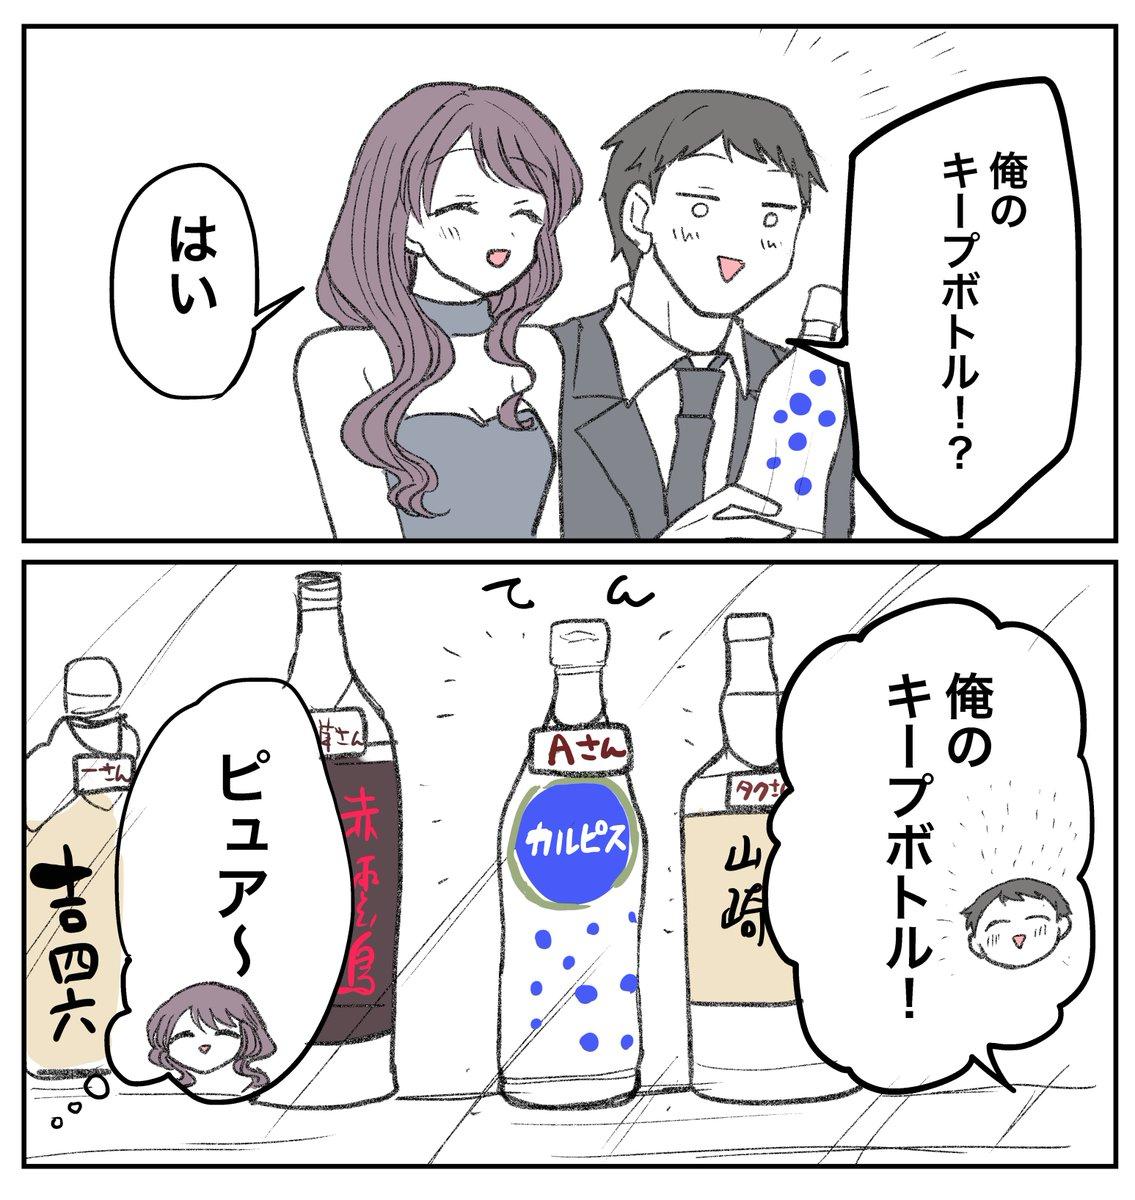 ヒマチの嬢王9巻 🎉発売中さんの投稿画像